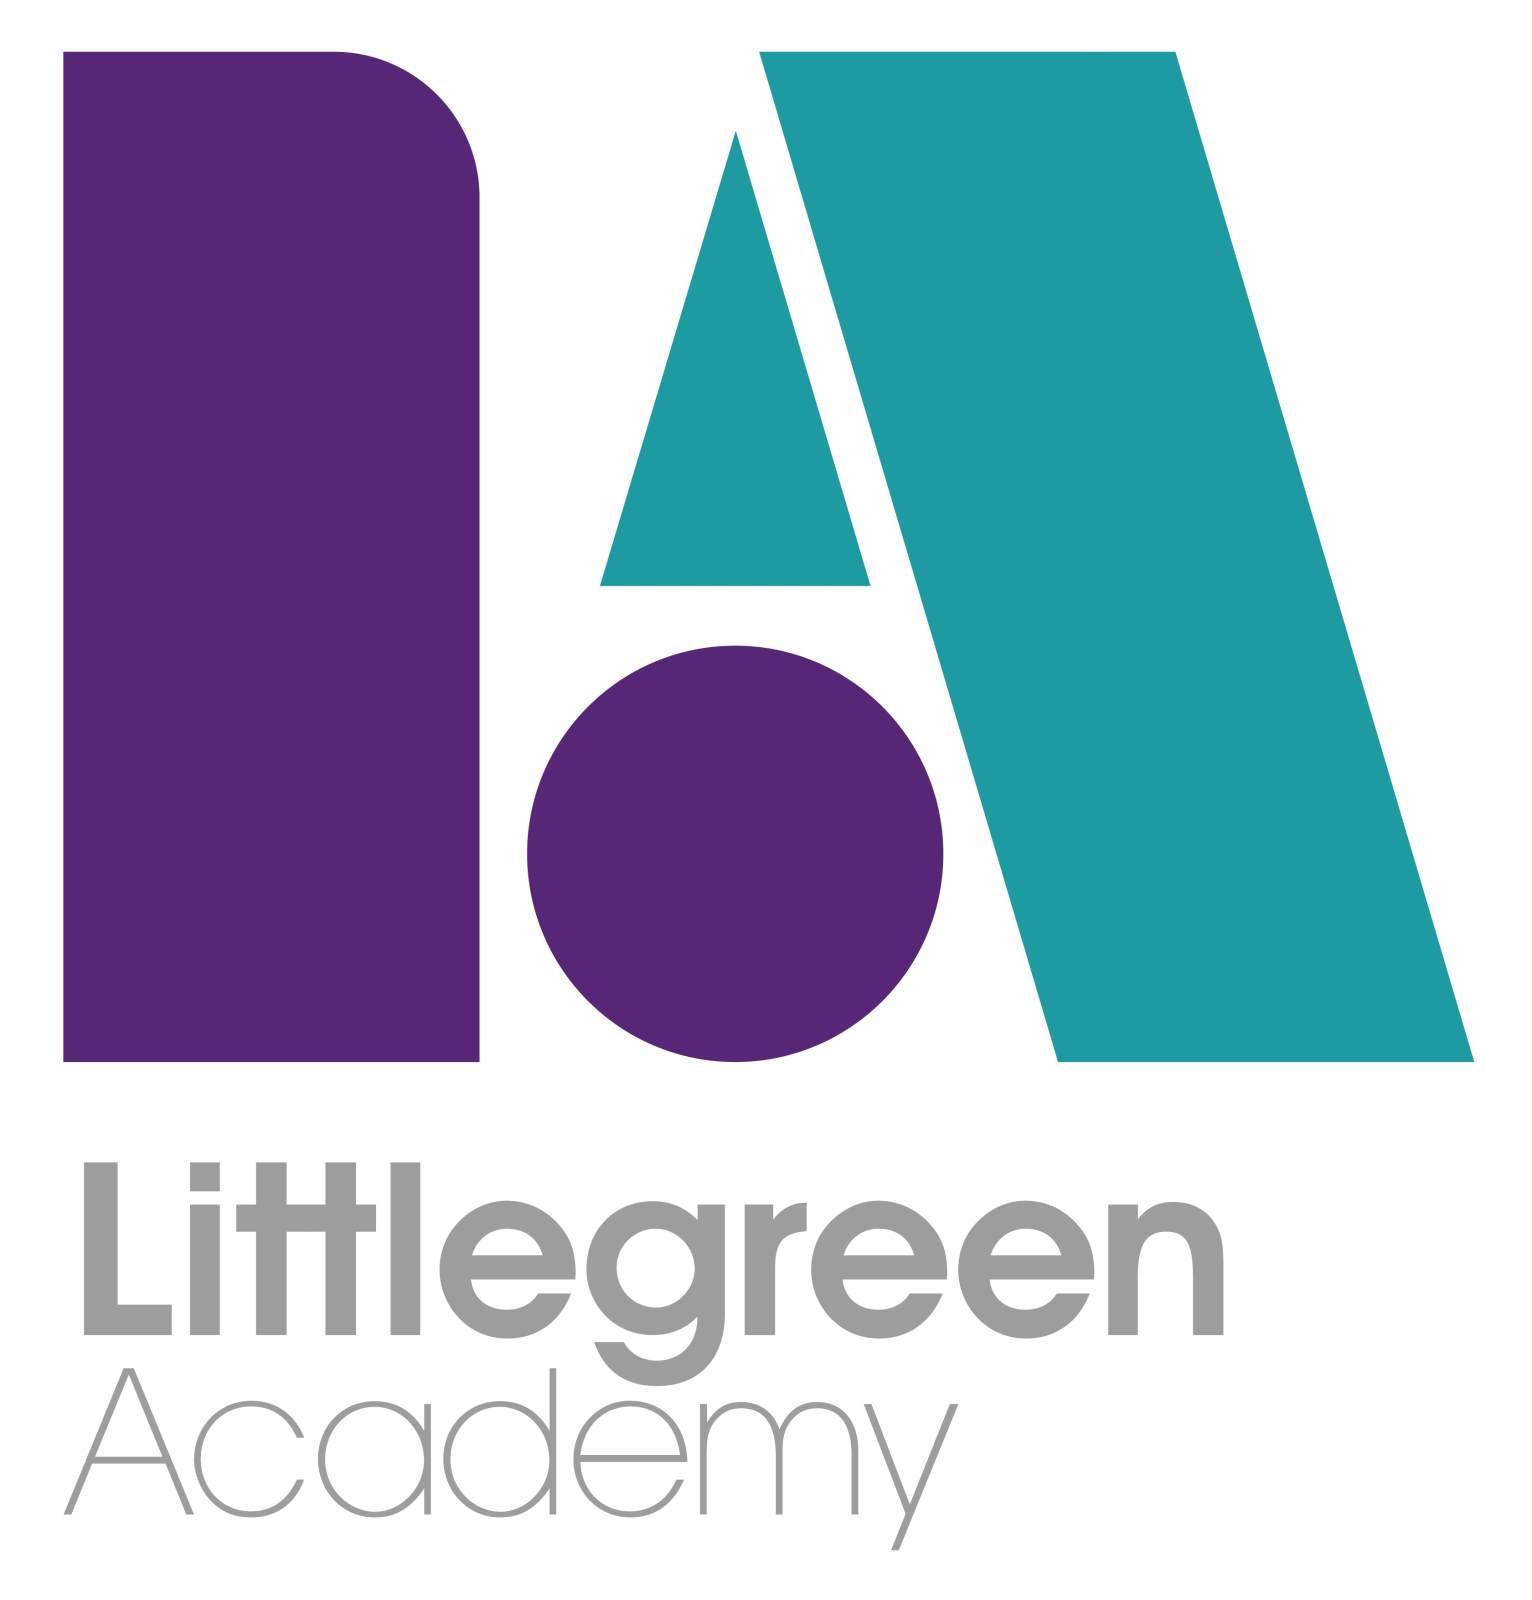 Littlegreen Academy